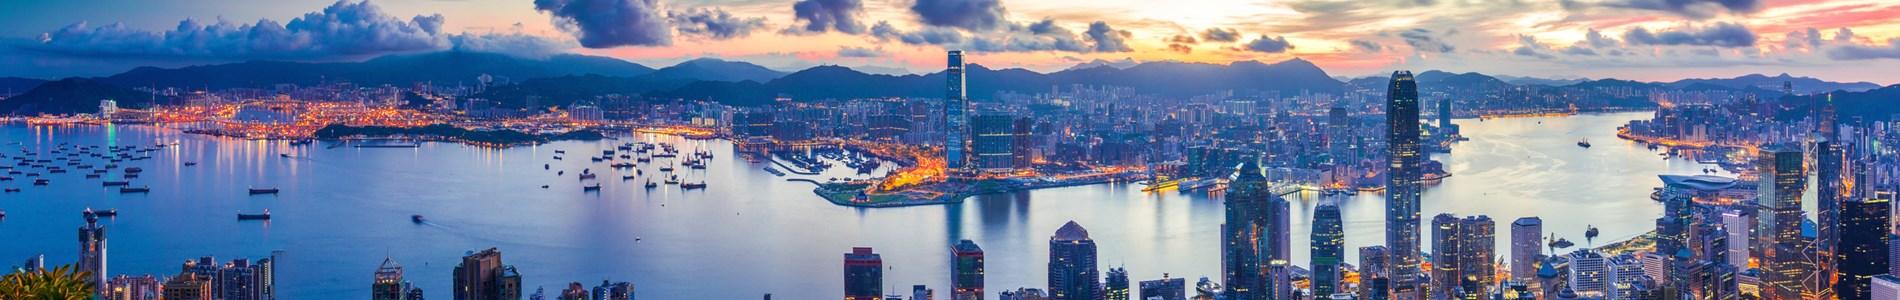 טיסות להונג קונג